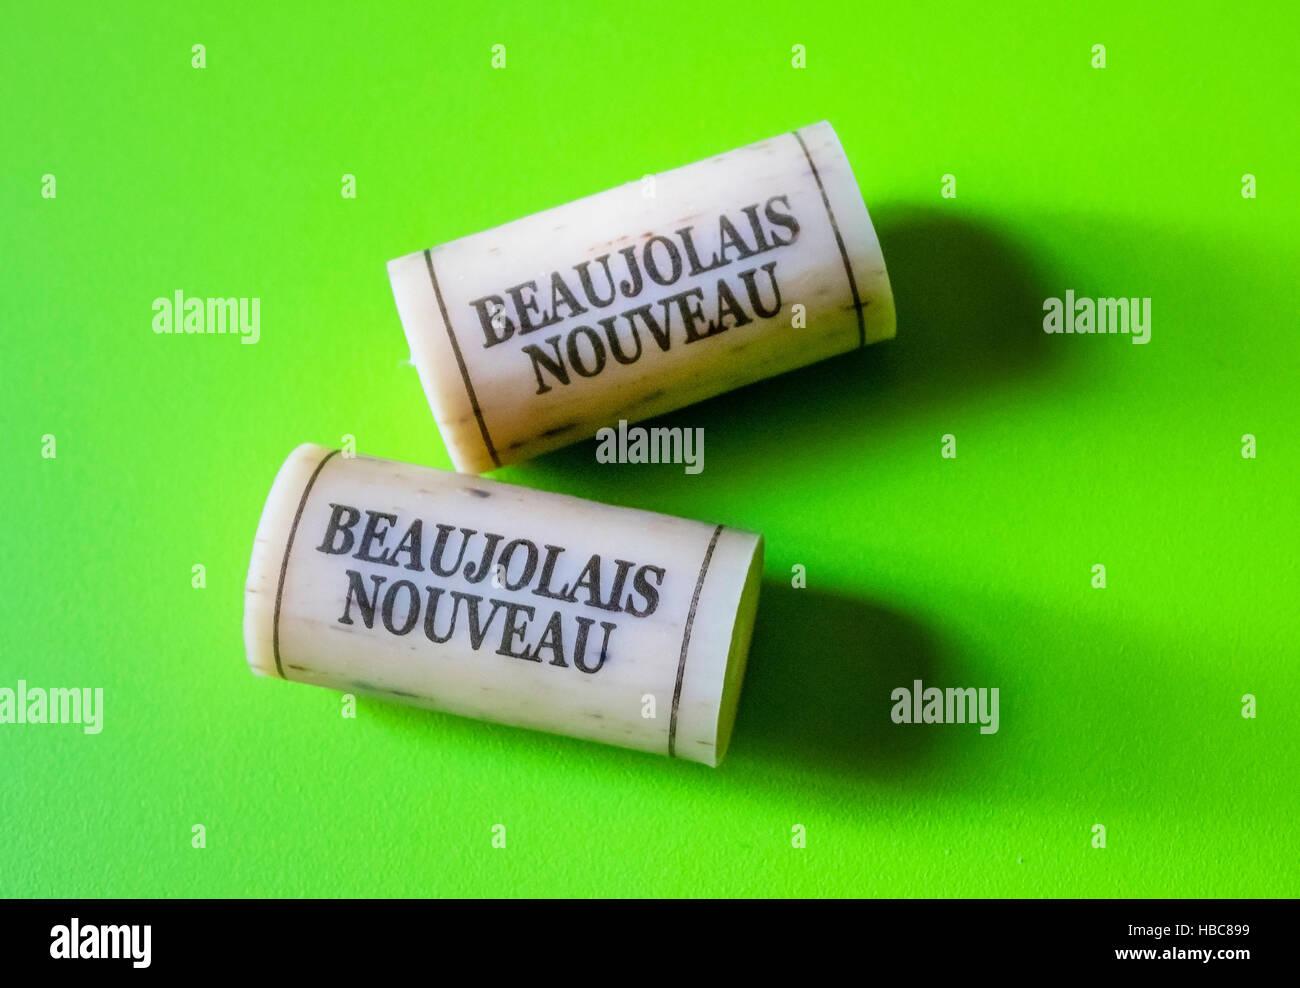 Beaujolais Nouveau corchos sintéticos Imagen De Stock